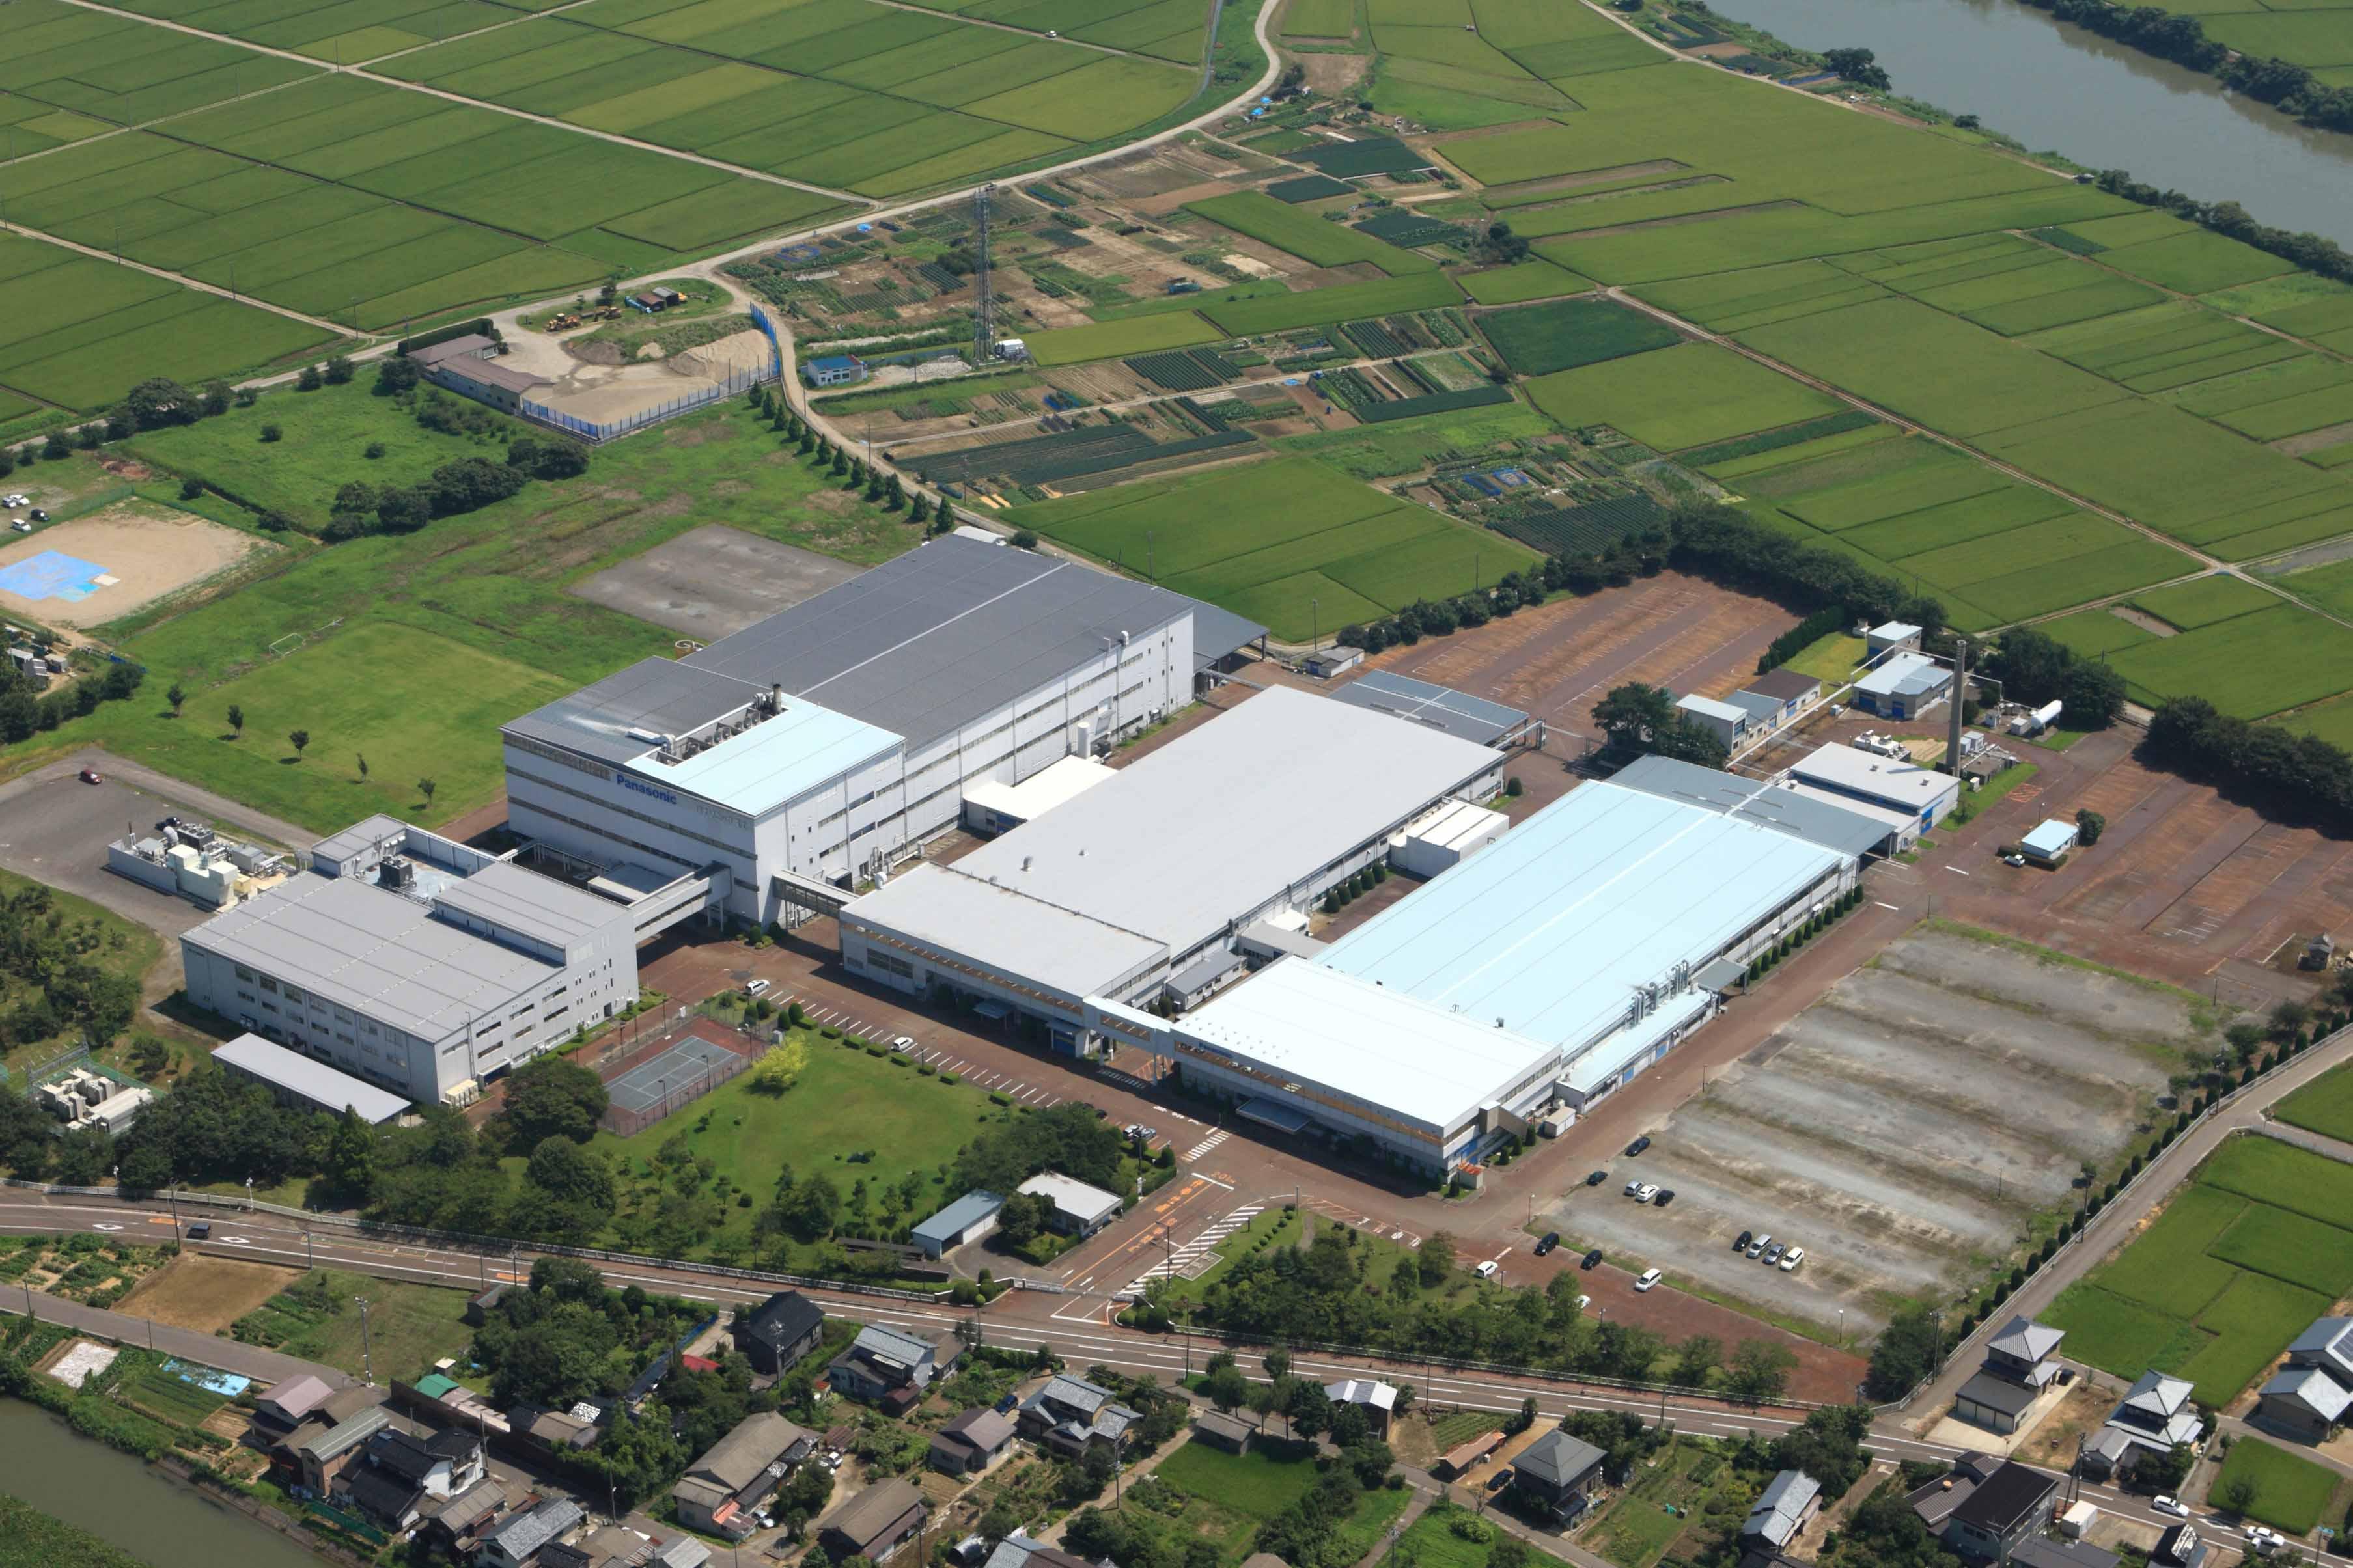 パナソニック エコソリューションズ社 ライティング事業部 新潟工場が「2017年度GOOD FACTORY賞」を受賞